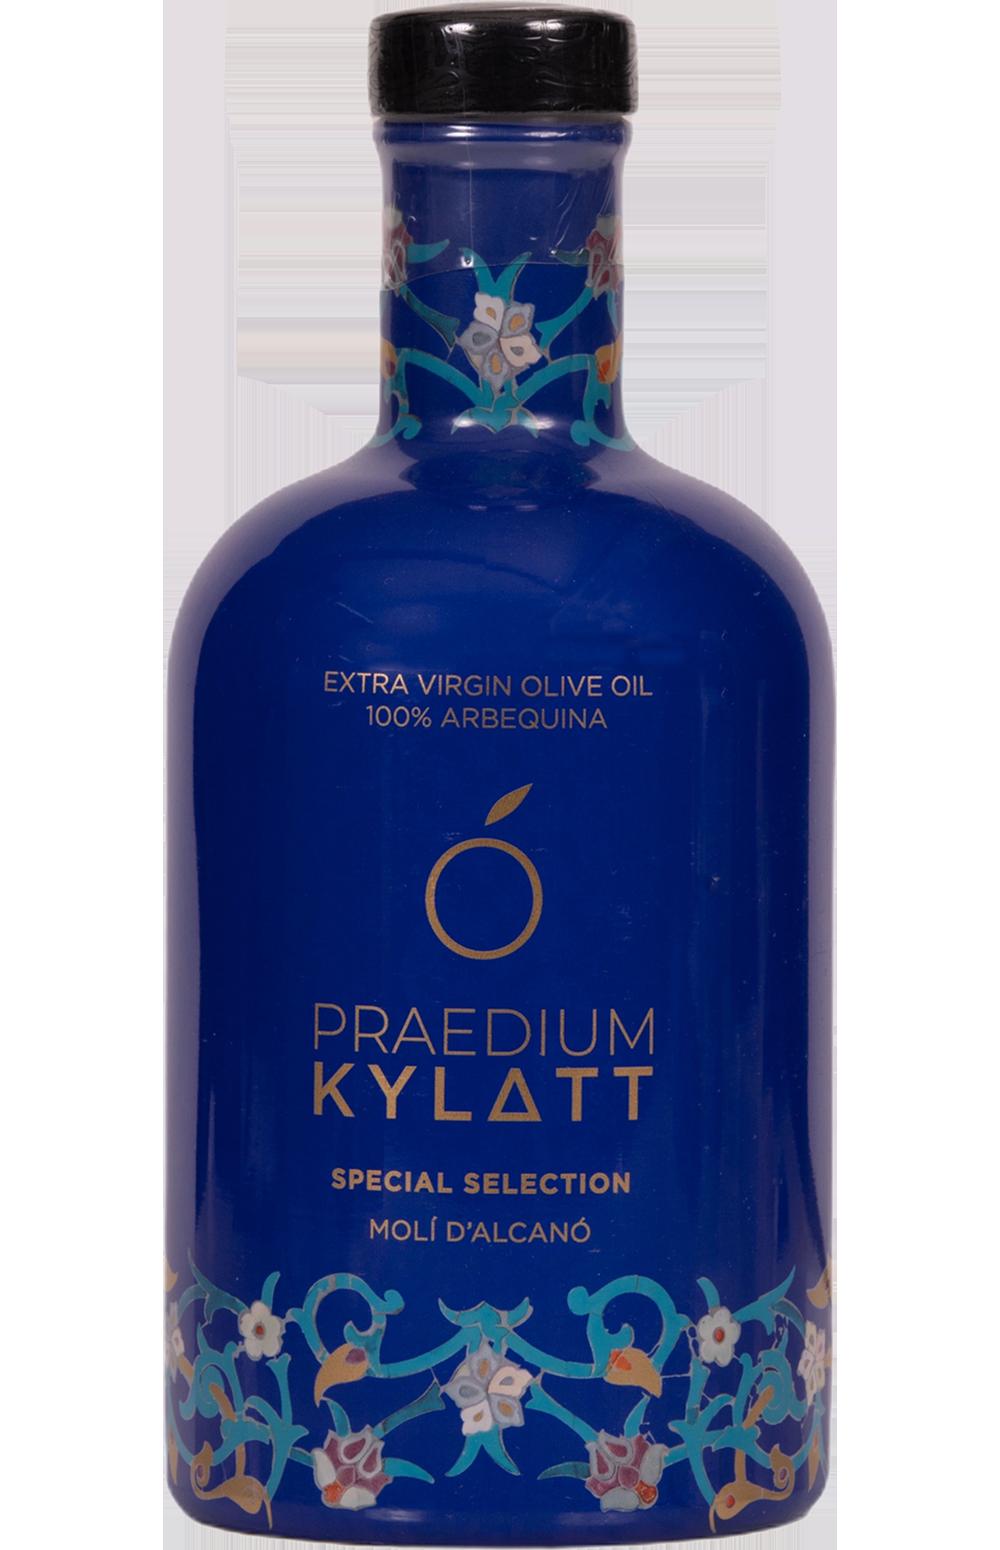 Praedium KYLDTT